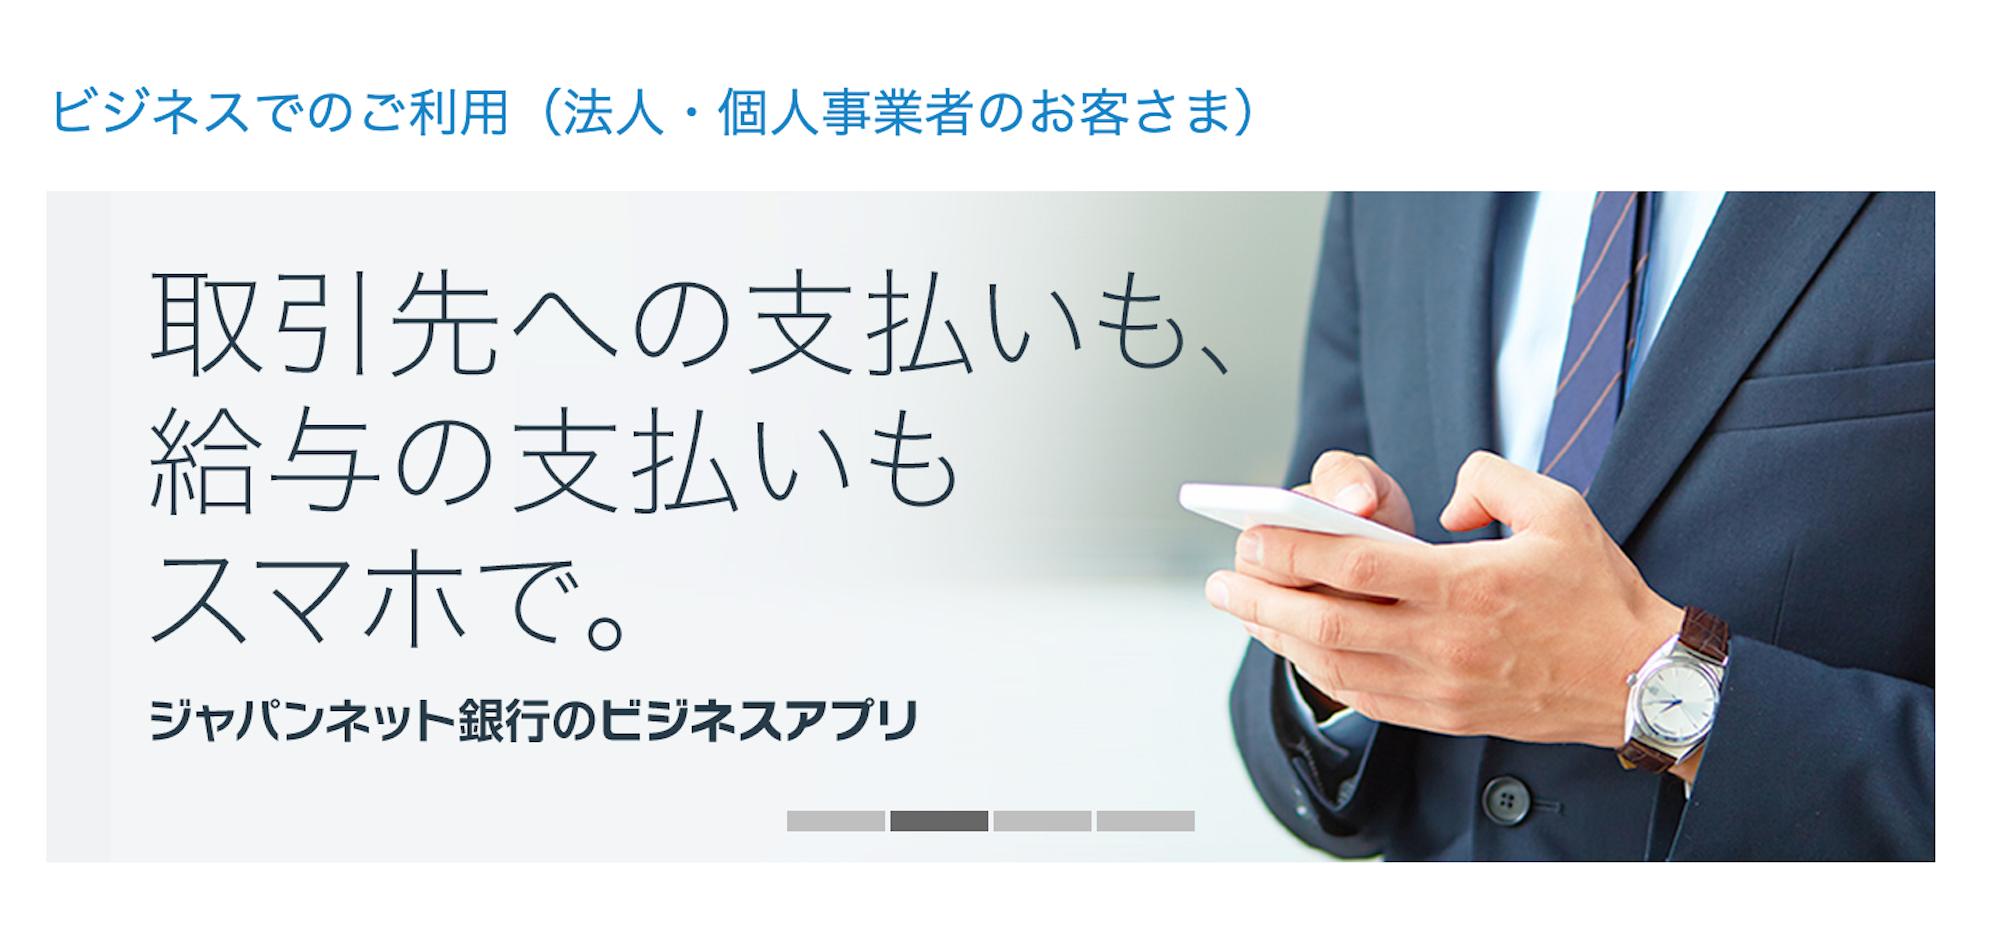 ジャパンネット銀行 の 法人口座開設 ! 振込手数料無料 の 評判 とは